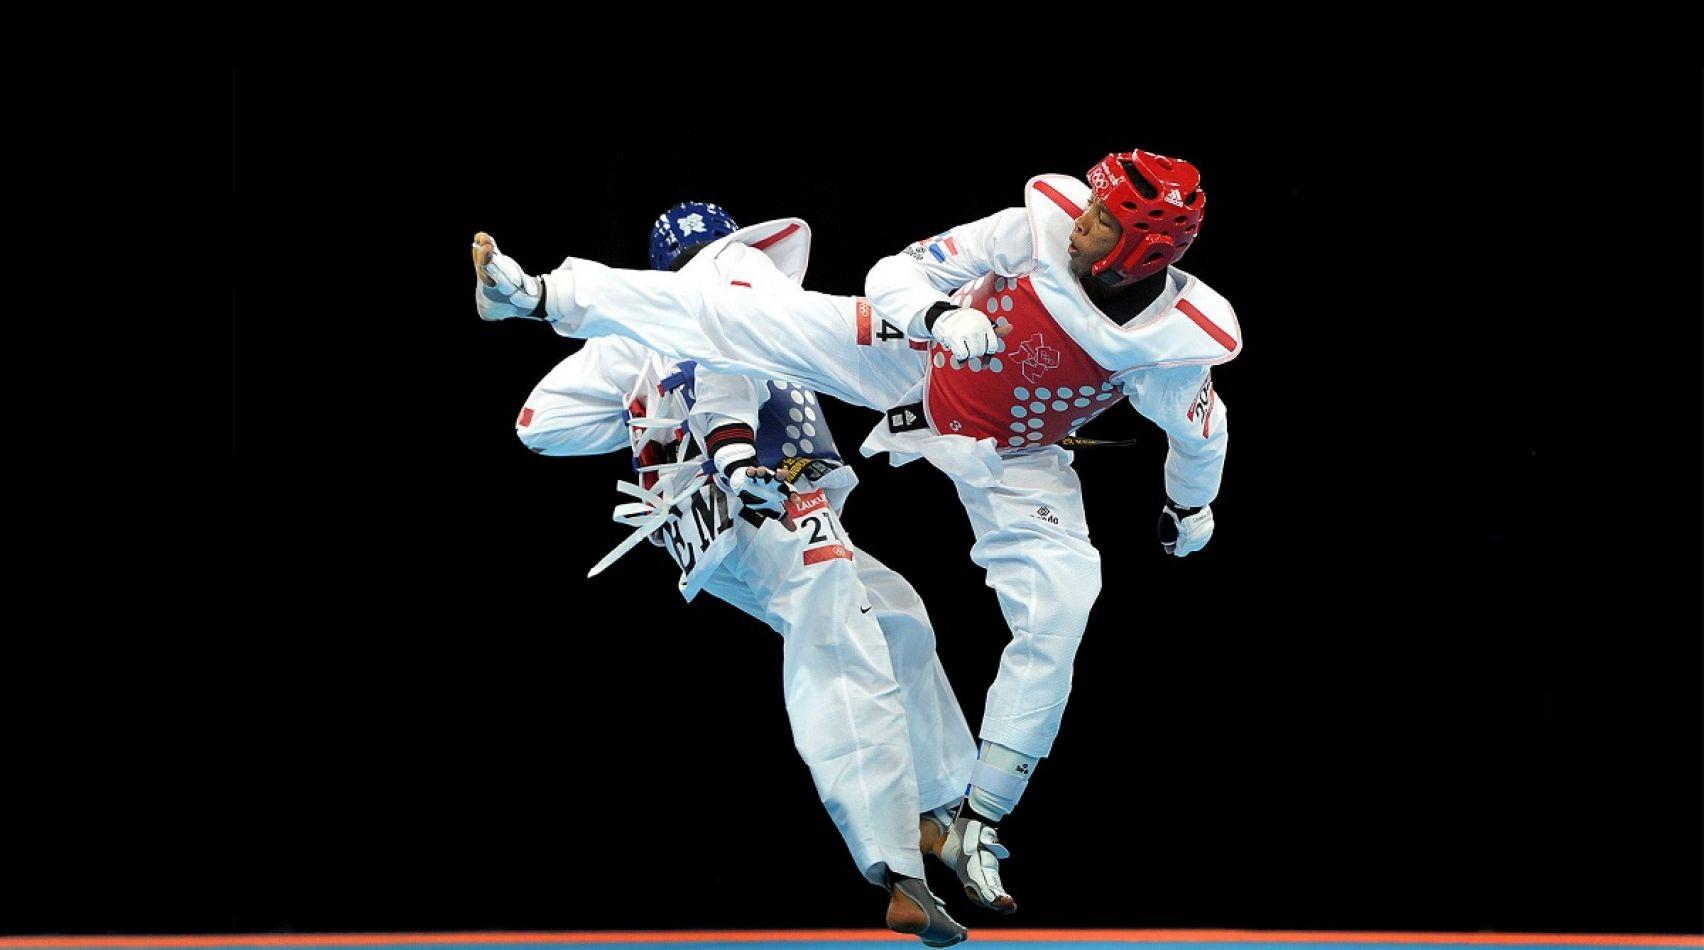 Se viene la Copa Tierra del Fuego de Taekwondo